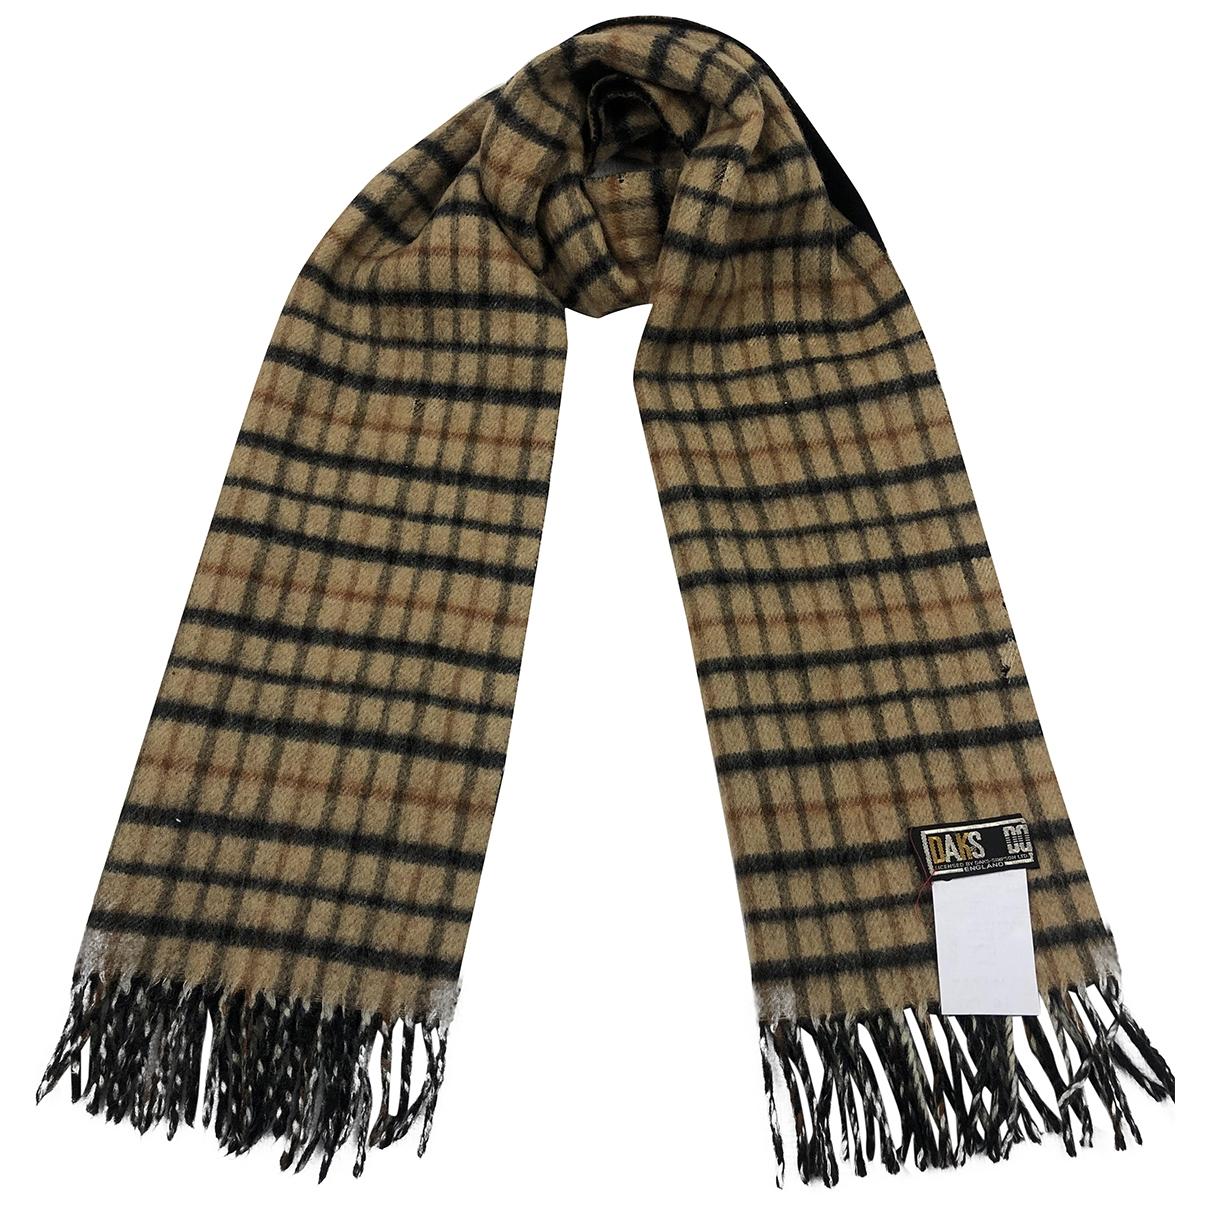 Daks - Cheches.Echarpes   pour homme en laine - marron